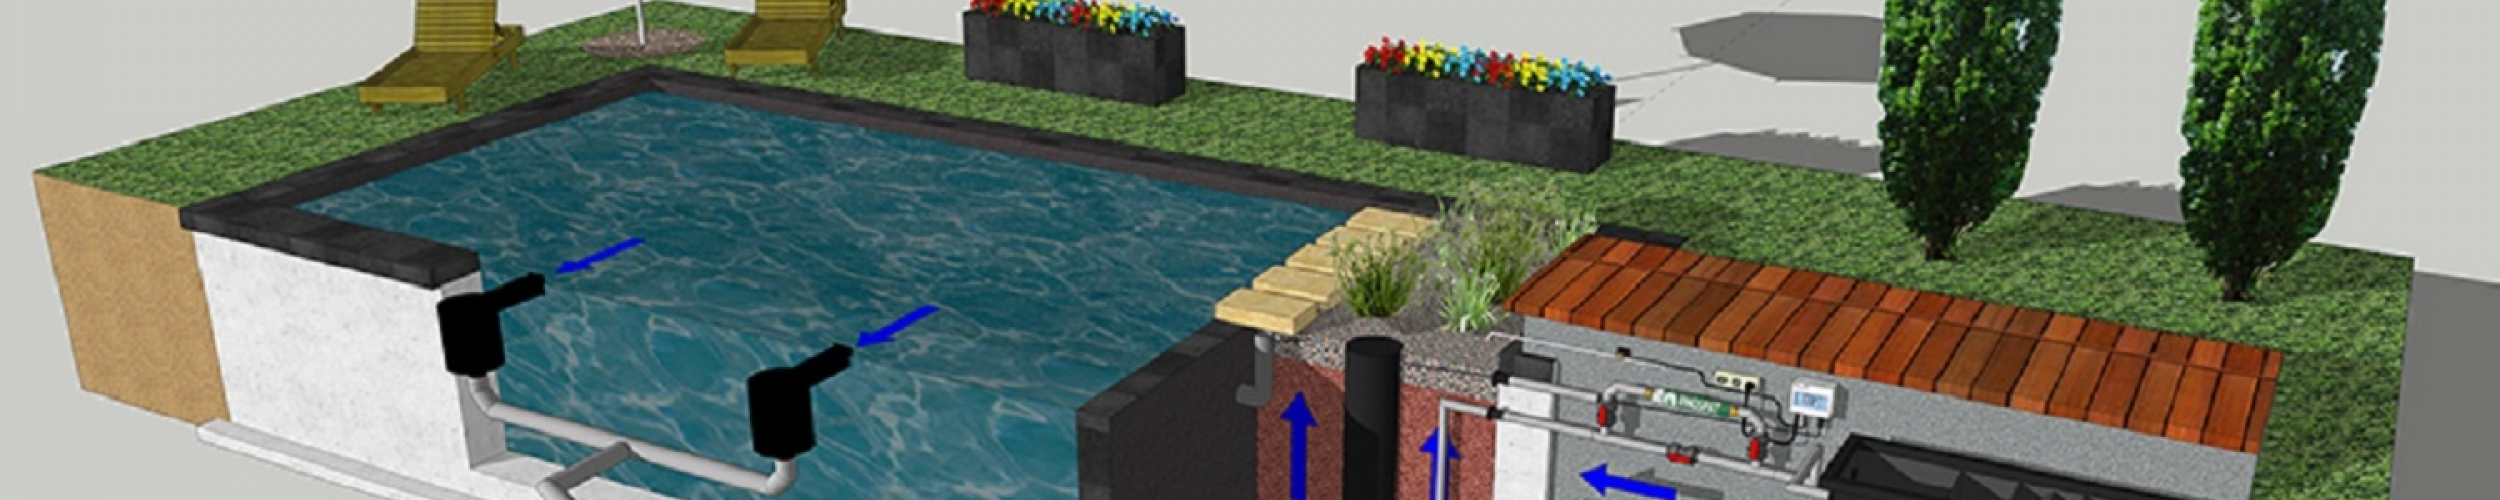 Zwemvijver volgens het upflow principe